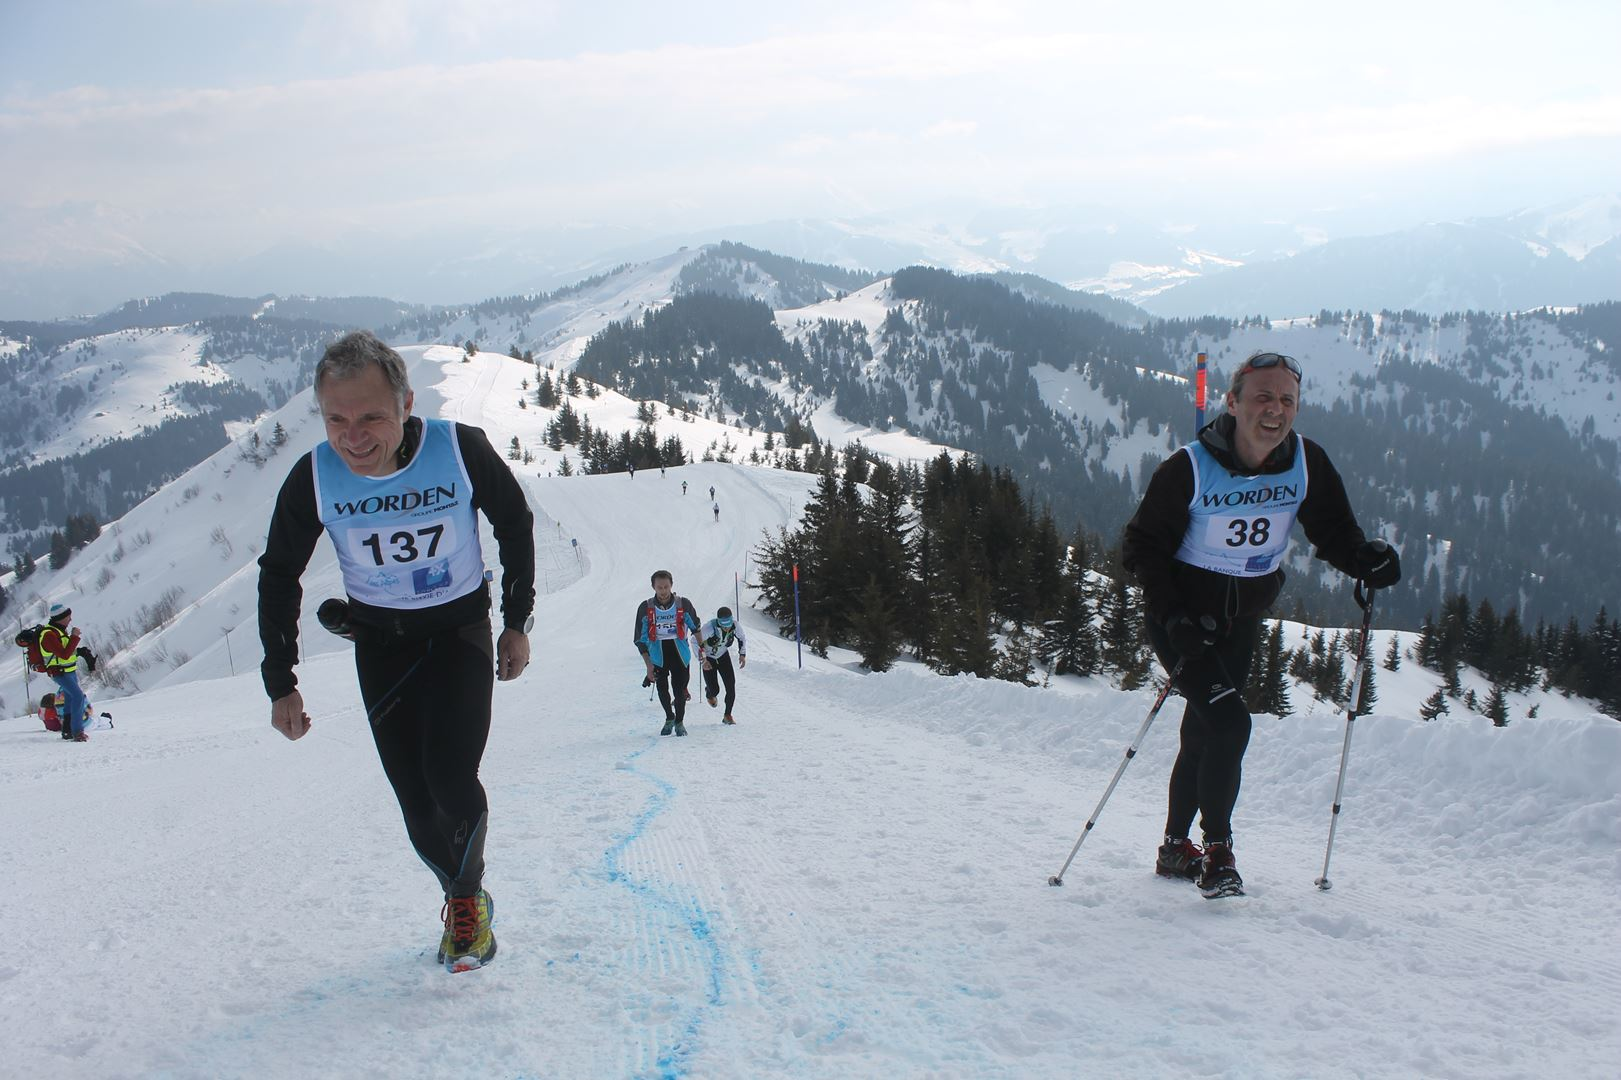 avant le sommet de la torraz 1 - RESULTATS PHOTOS ET COMPTE RENDU DU 9EME ARAVIS SNOW TRAIL (La Giettaz73) 25-03-2018